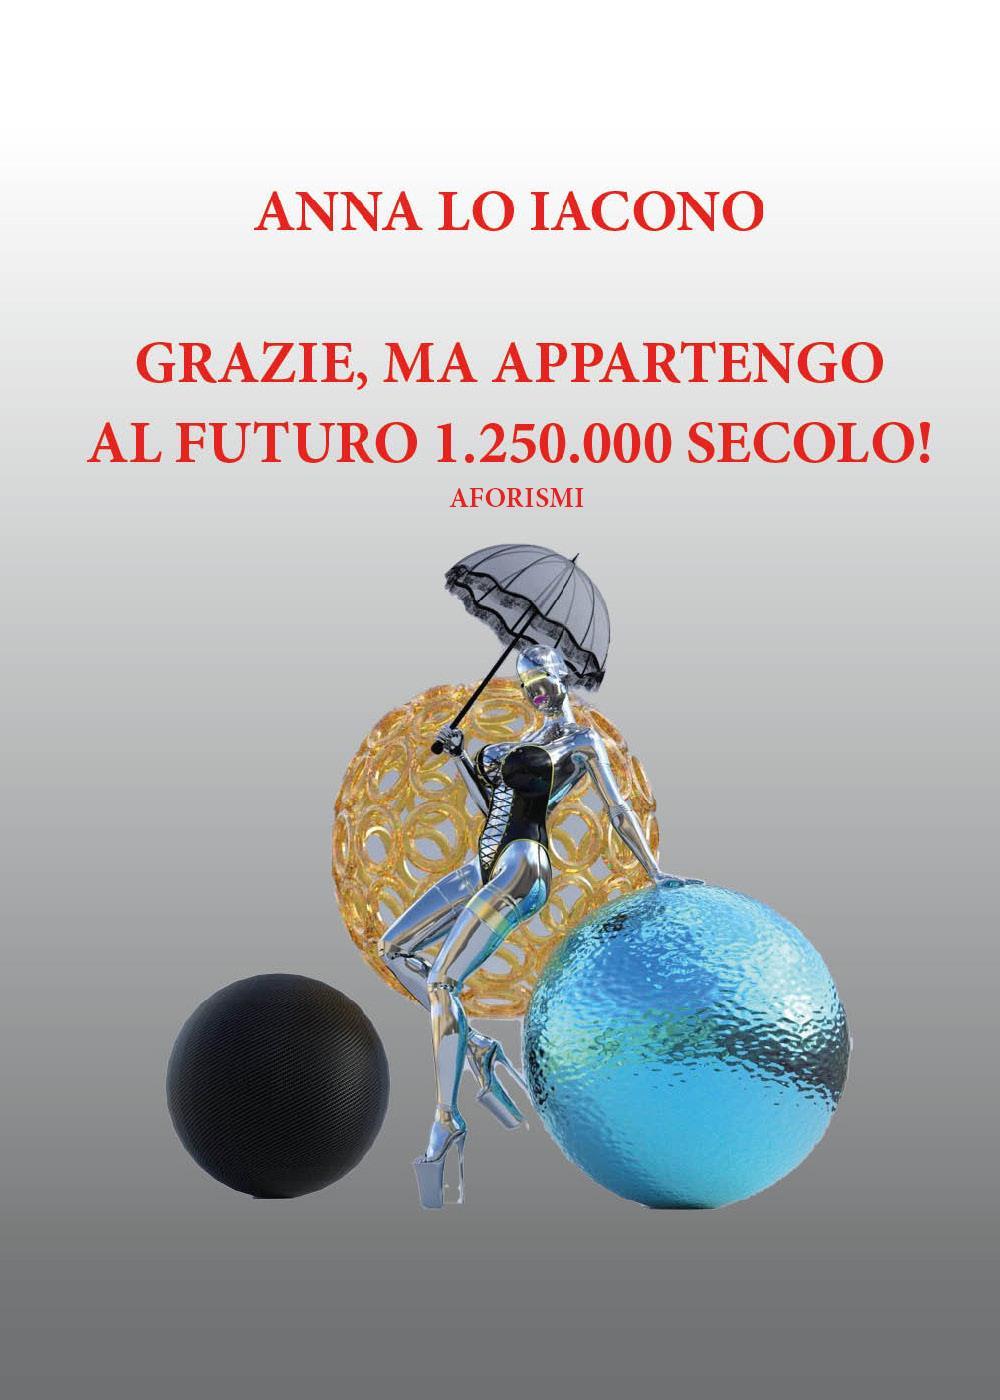 Grazie, ma appartengo al futuro 1.250.000 secolo! ( Aforismi)